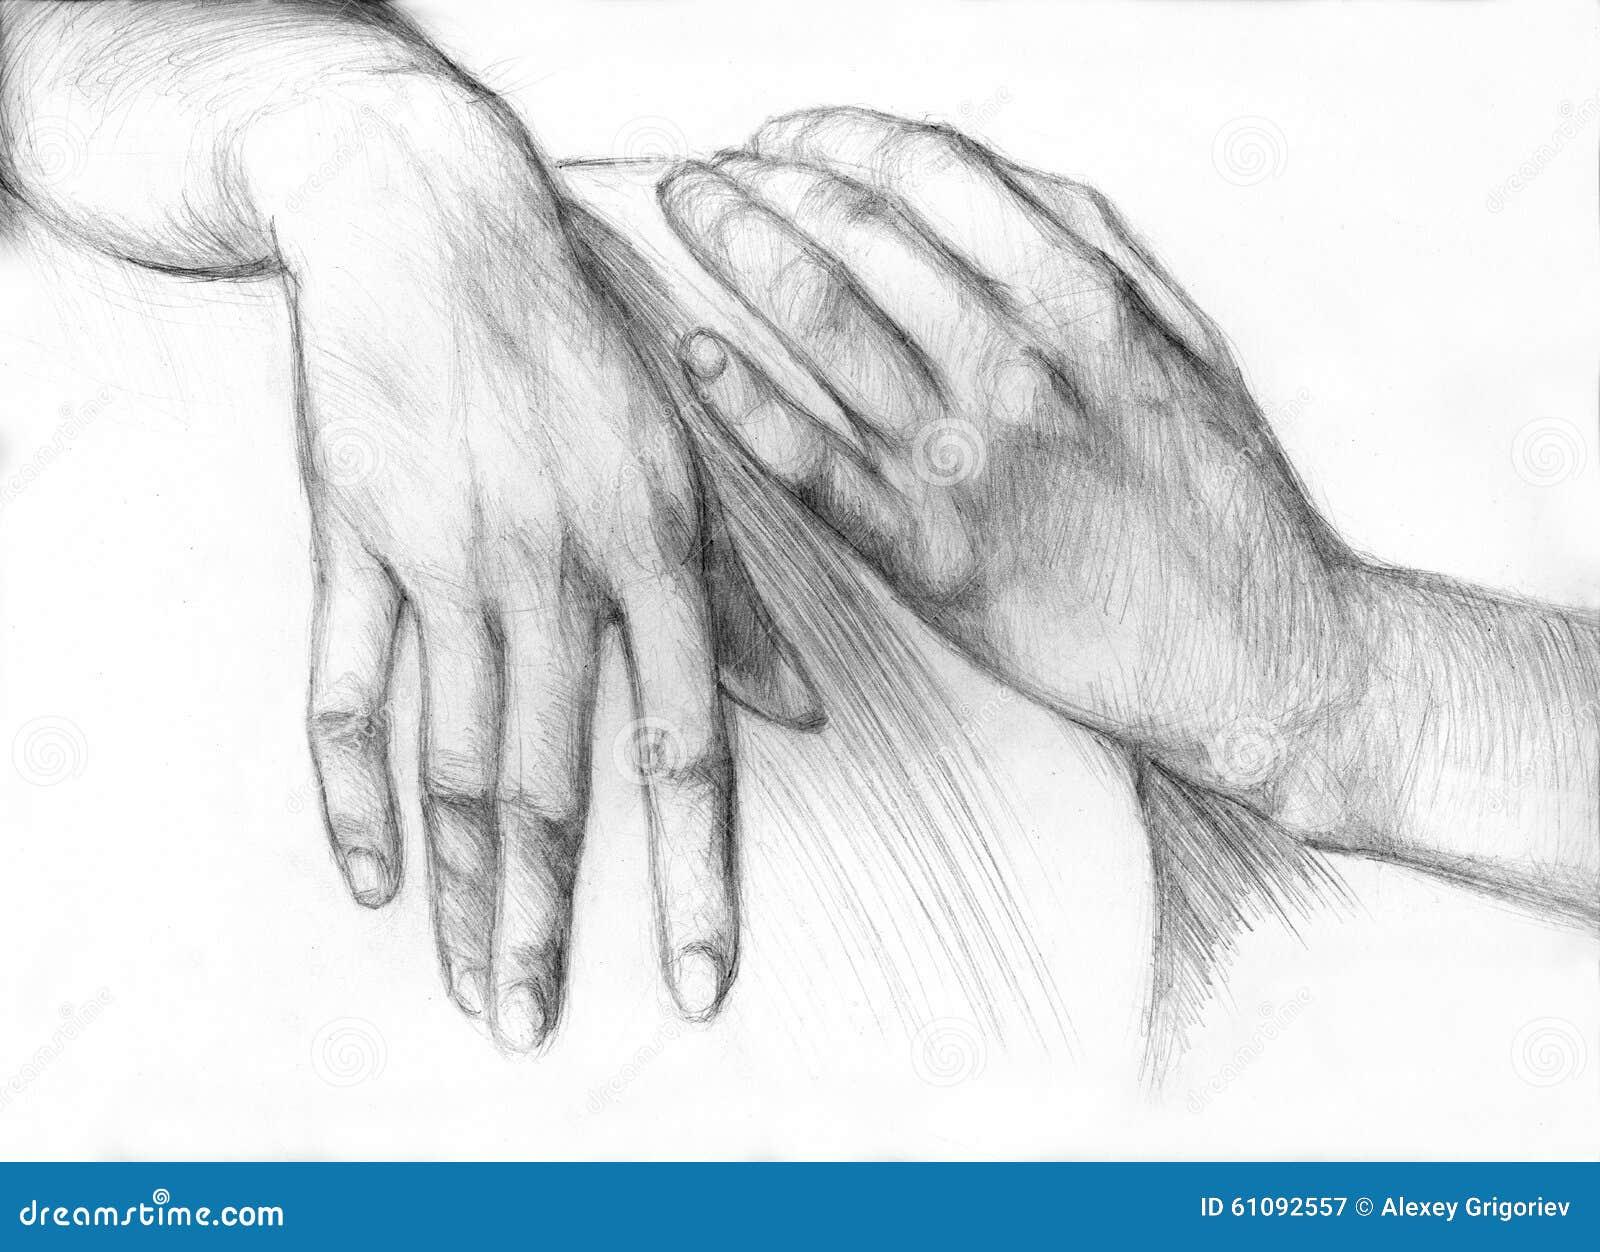 Mano del disegno a matita illustrazione di stock for Lupo disegno a matita